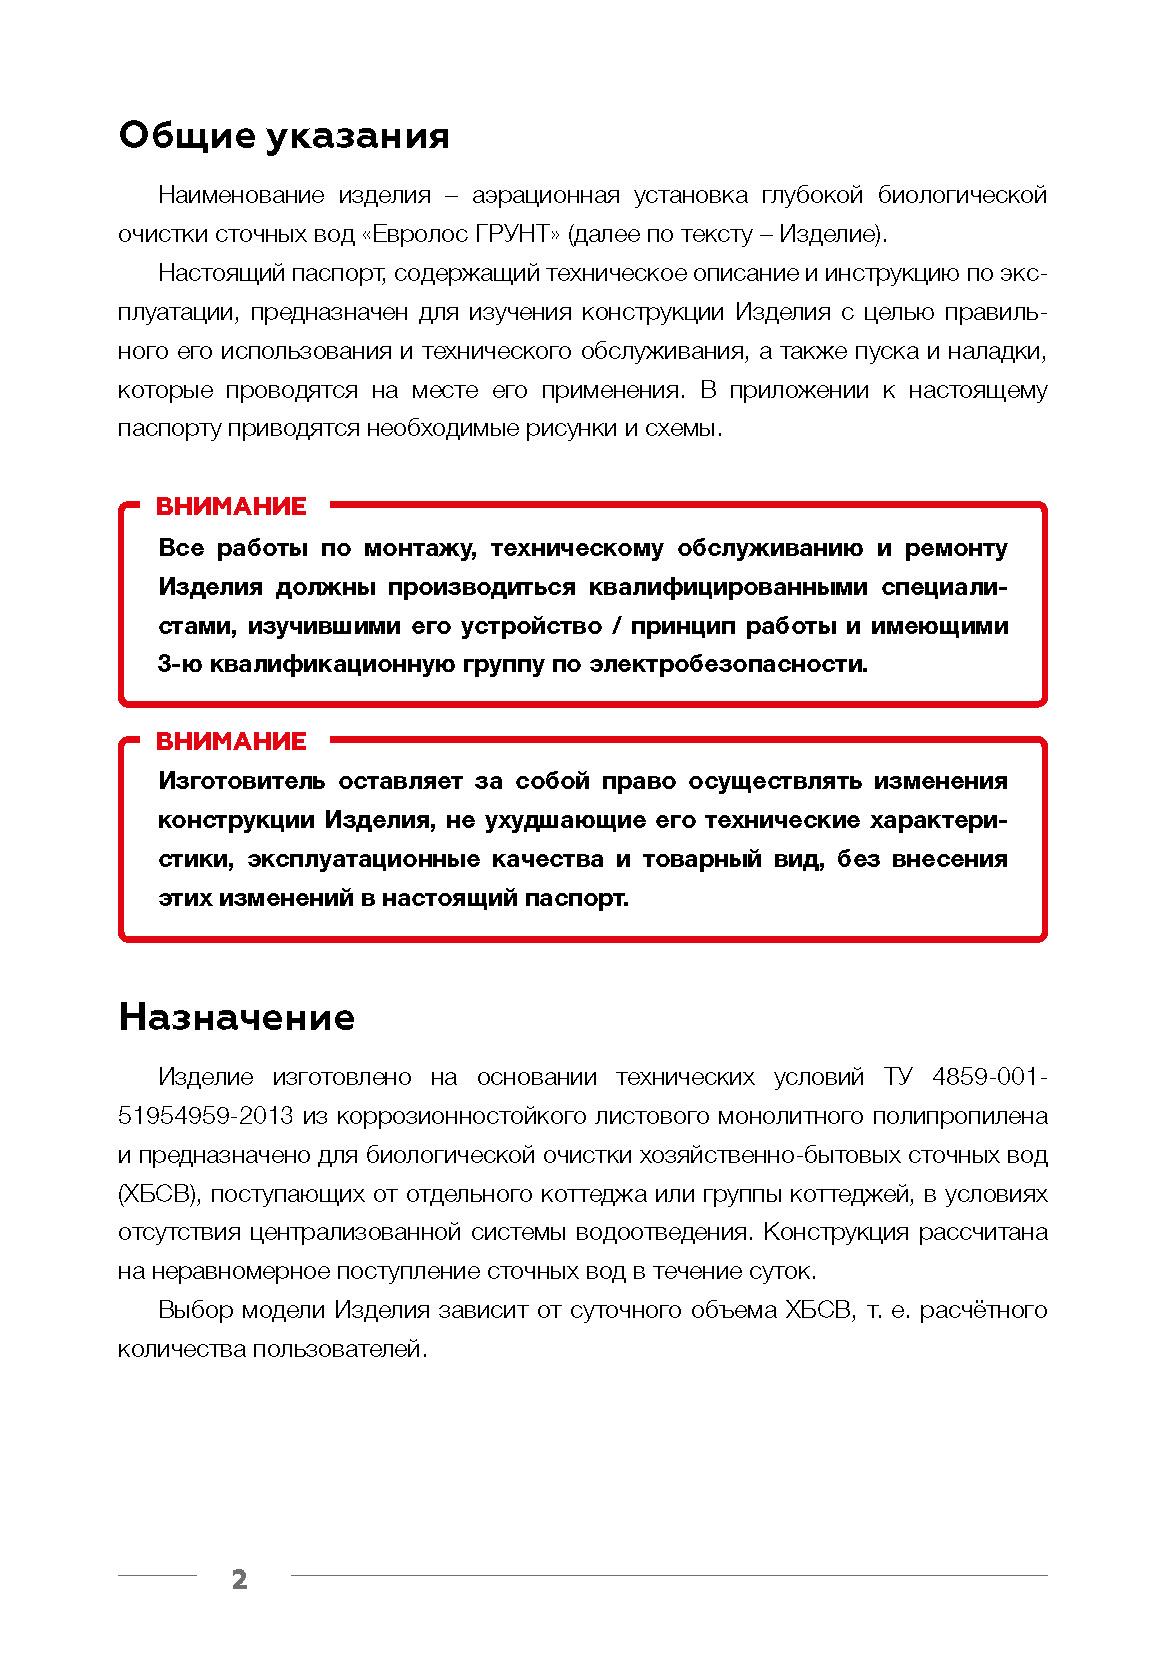 Технический паспорт Евролос Грунт_Страница_04